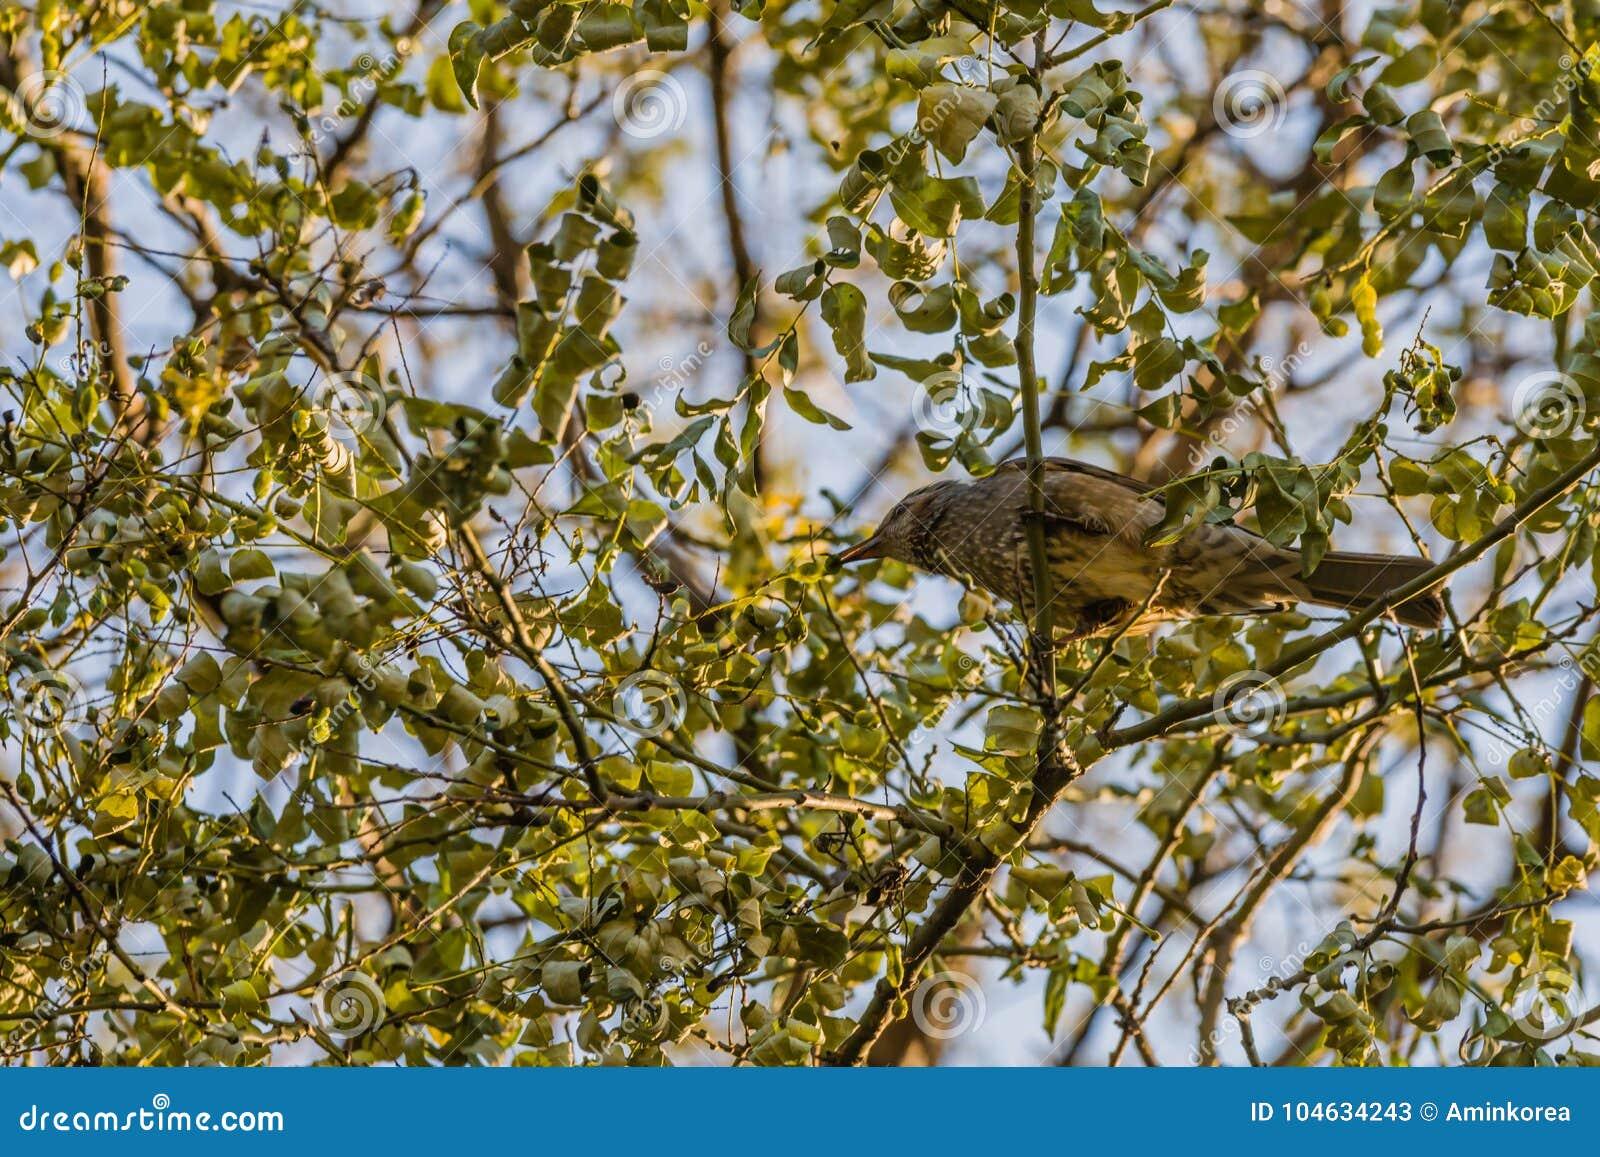 Download Bruin-eared Bulbul Neergestreken Op Een Boomtak Stock Afbeelding - Afbeelding bestaande uit ogen, vogelobservatie: 104634243